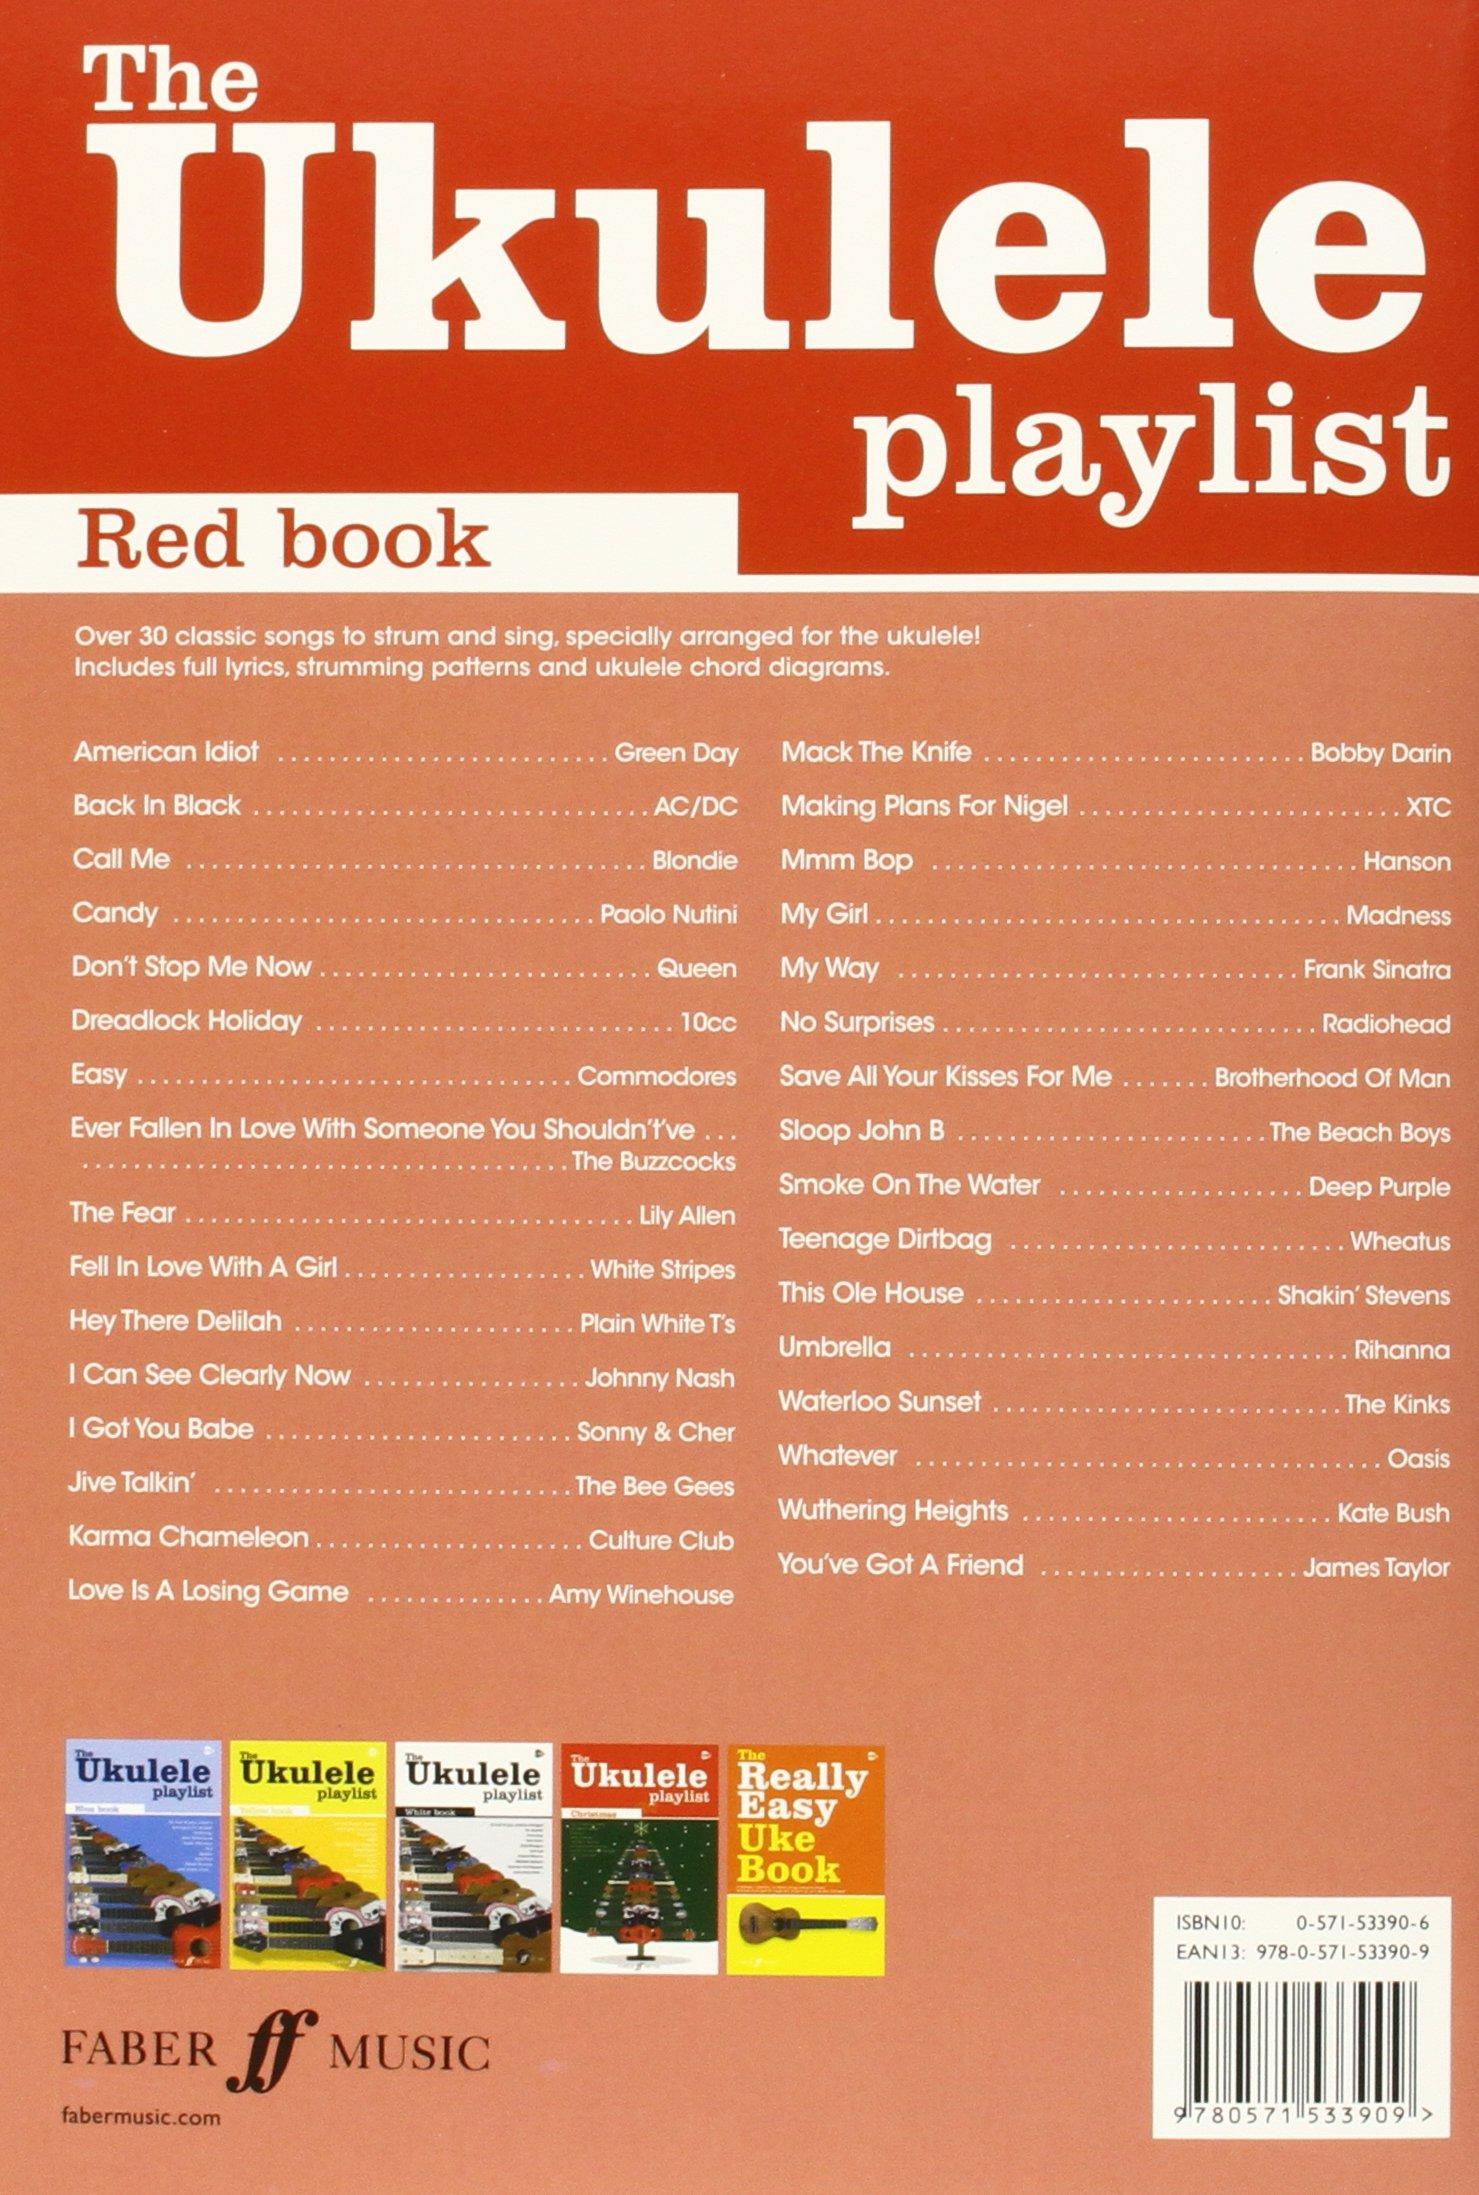 The red book ukulele playlist the ukulele playlist amazon the red book ukulele playlist the ukulele playlist amazon collectif 9780571533909 books hexwebz Choice Image